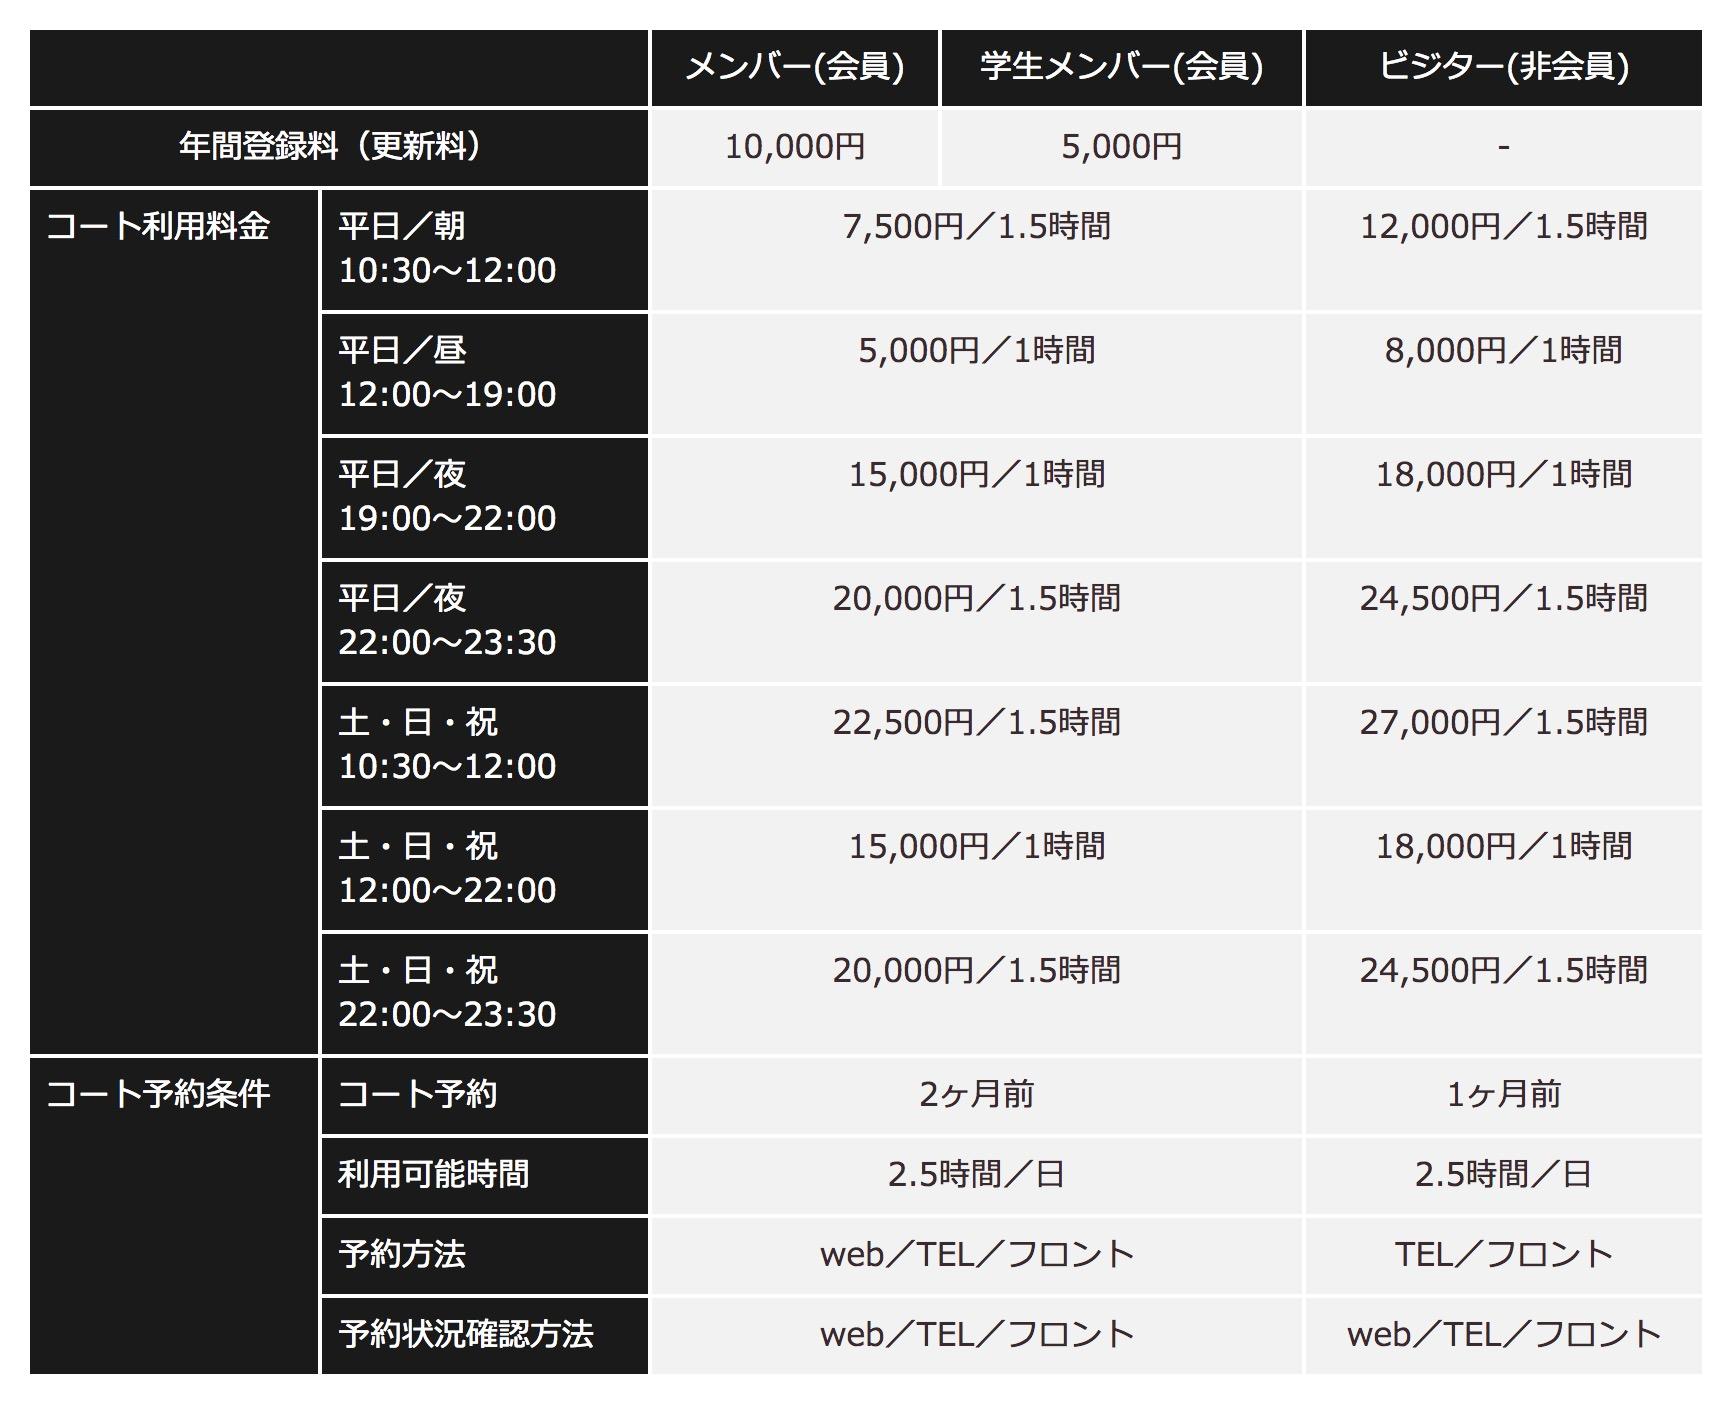 アディタスフットサルパーク渋谷の料金表